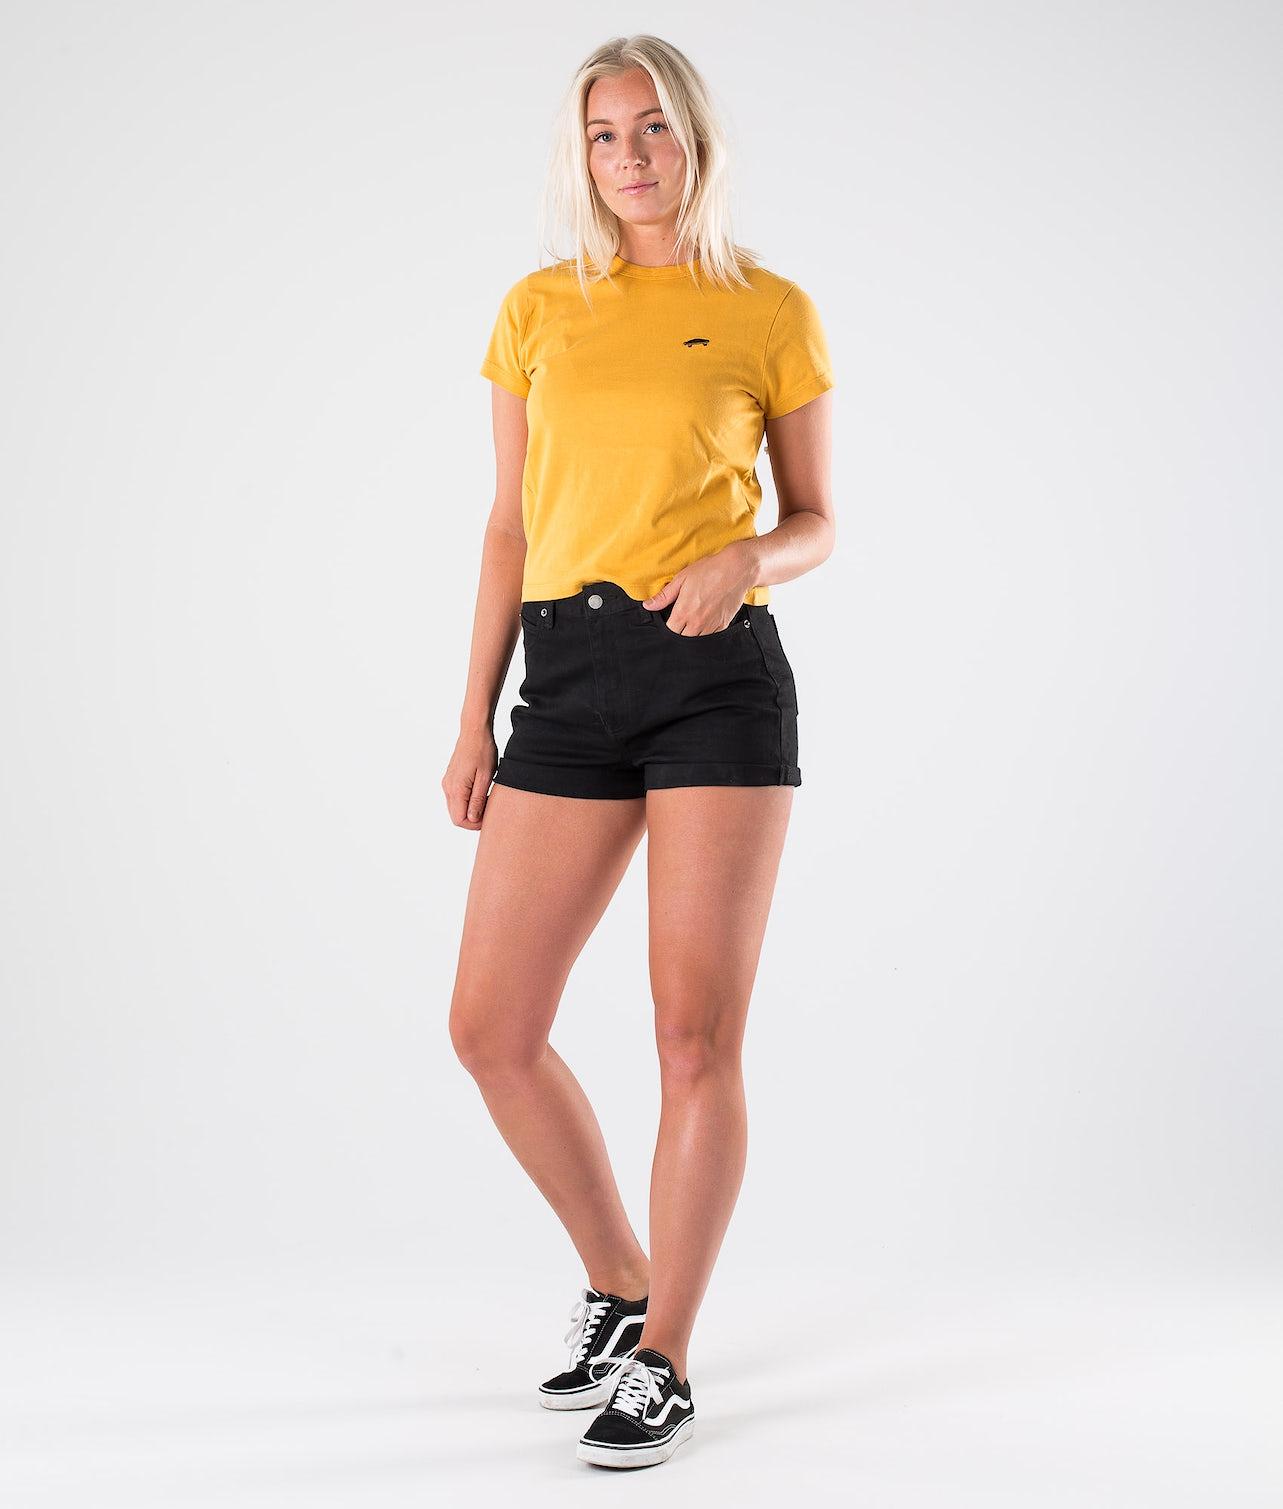 Kjøp Vistaview T-shirt fra Vans på Ridestore.no - Hos oss har du alltid fri frakt, fri retur og 30 dagers åpent kjøp!